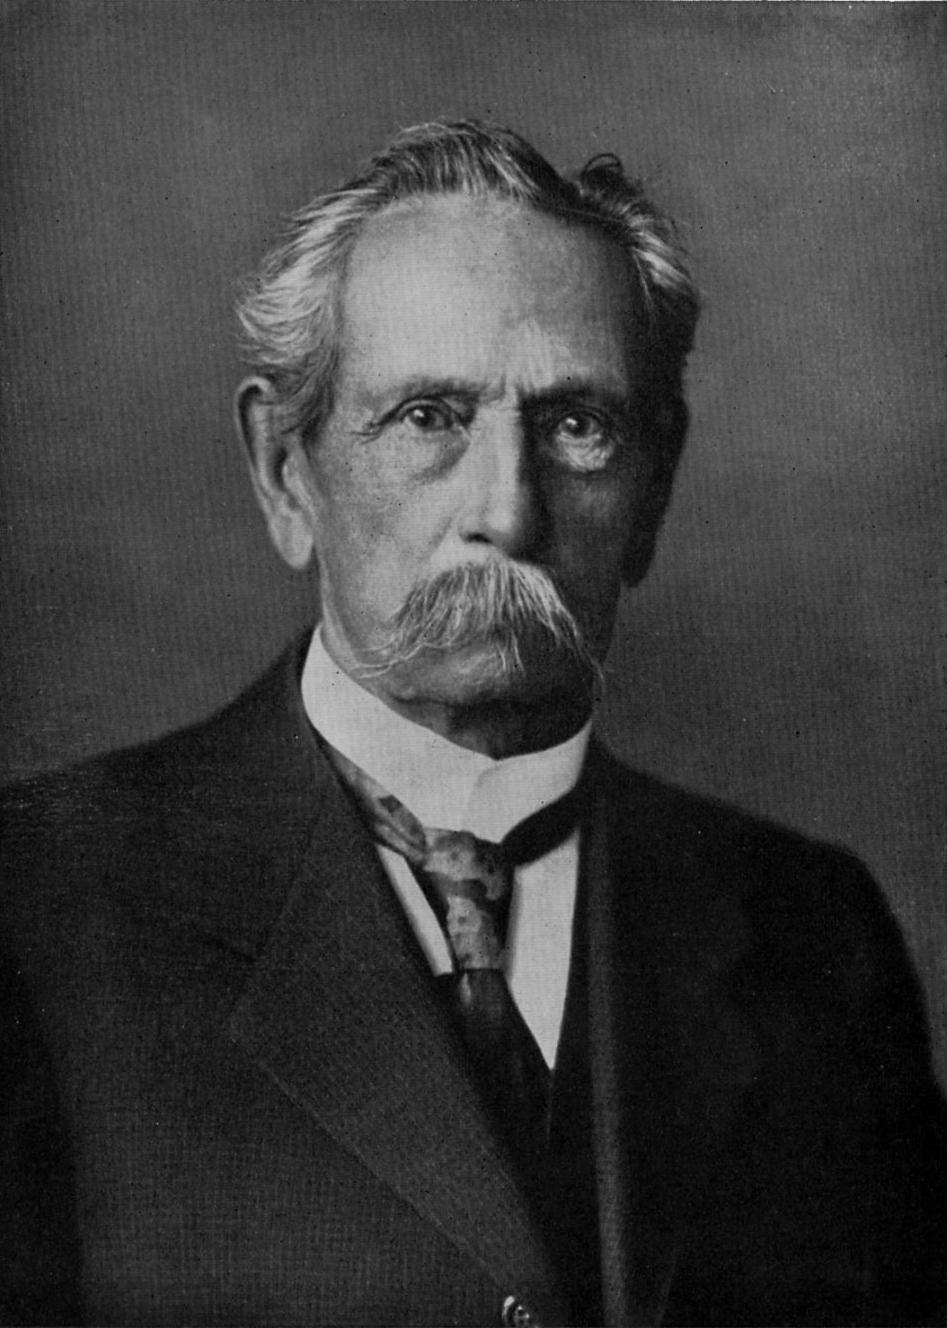 Carl Benz anses ha uppfunnit den första bilen.